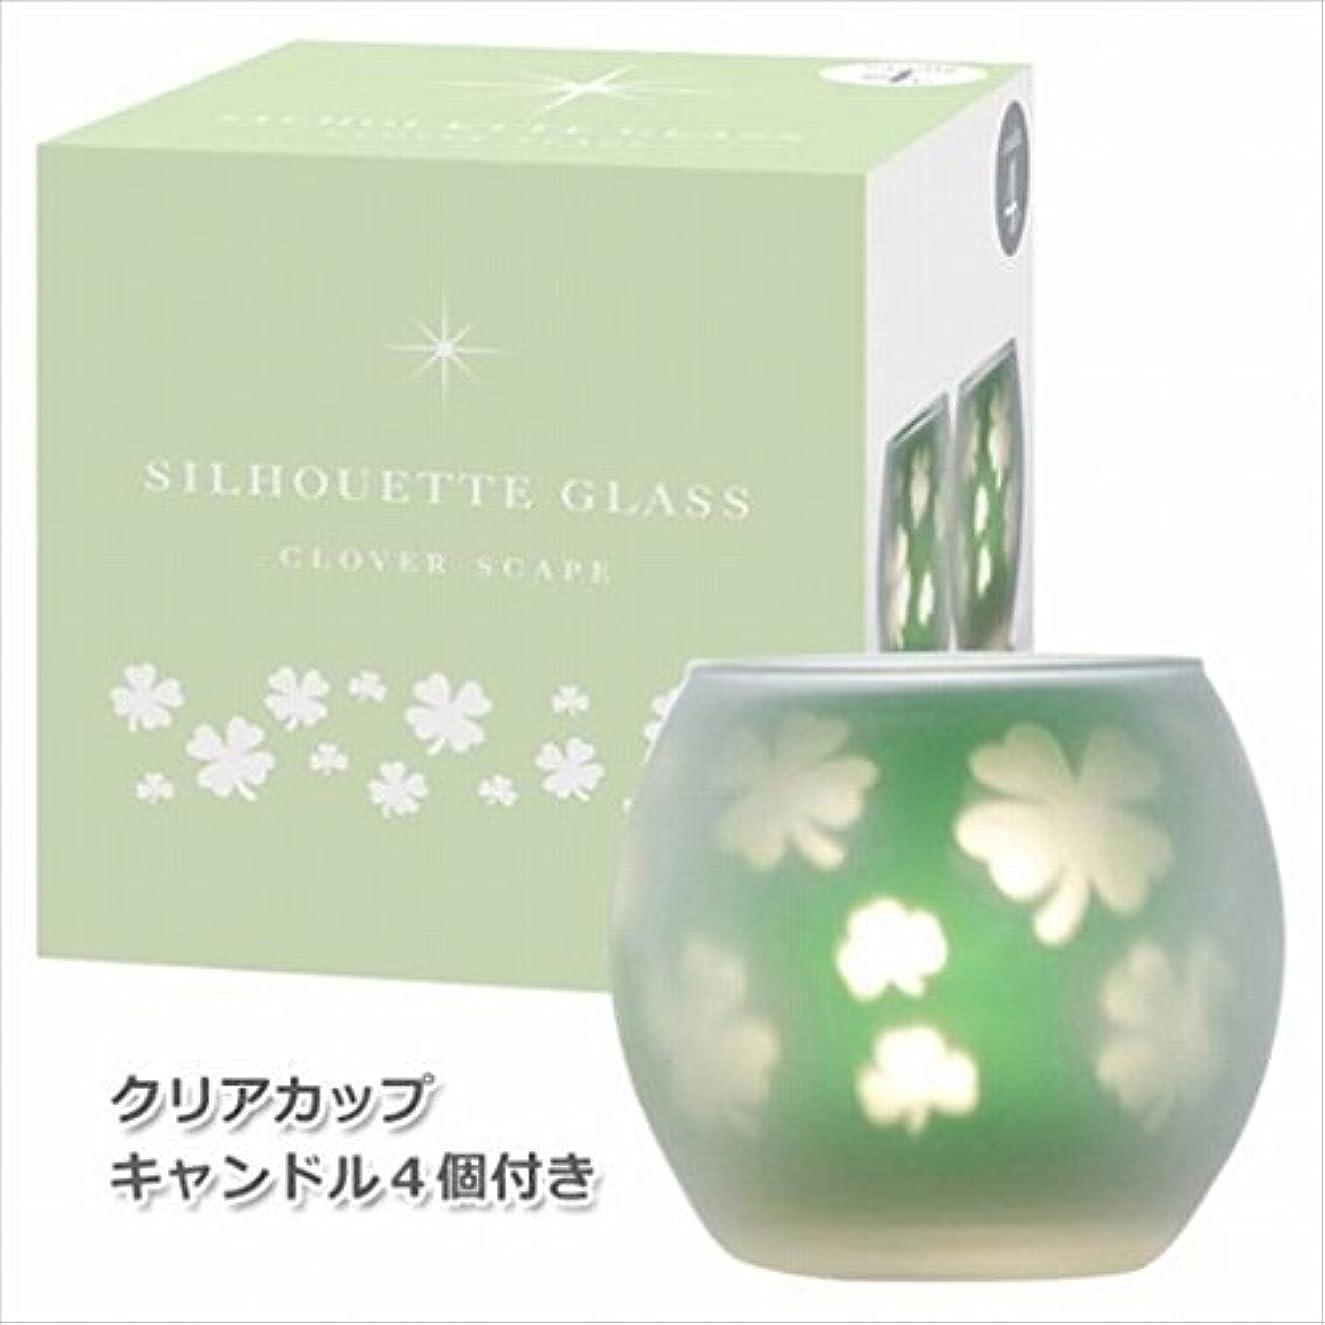 矢印姿勢論理的カメヤマキャンドル(kameyama candle) クローバースケープ2【キャンドル4個付き】 シルエットグラス